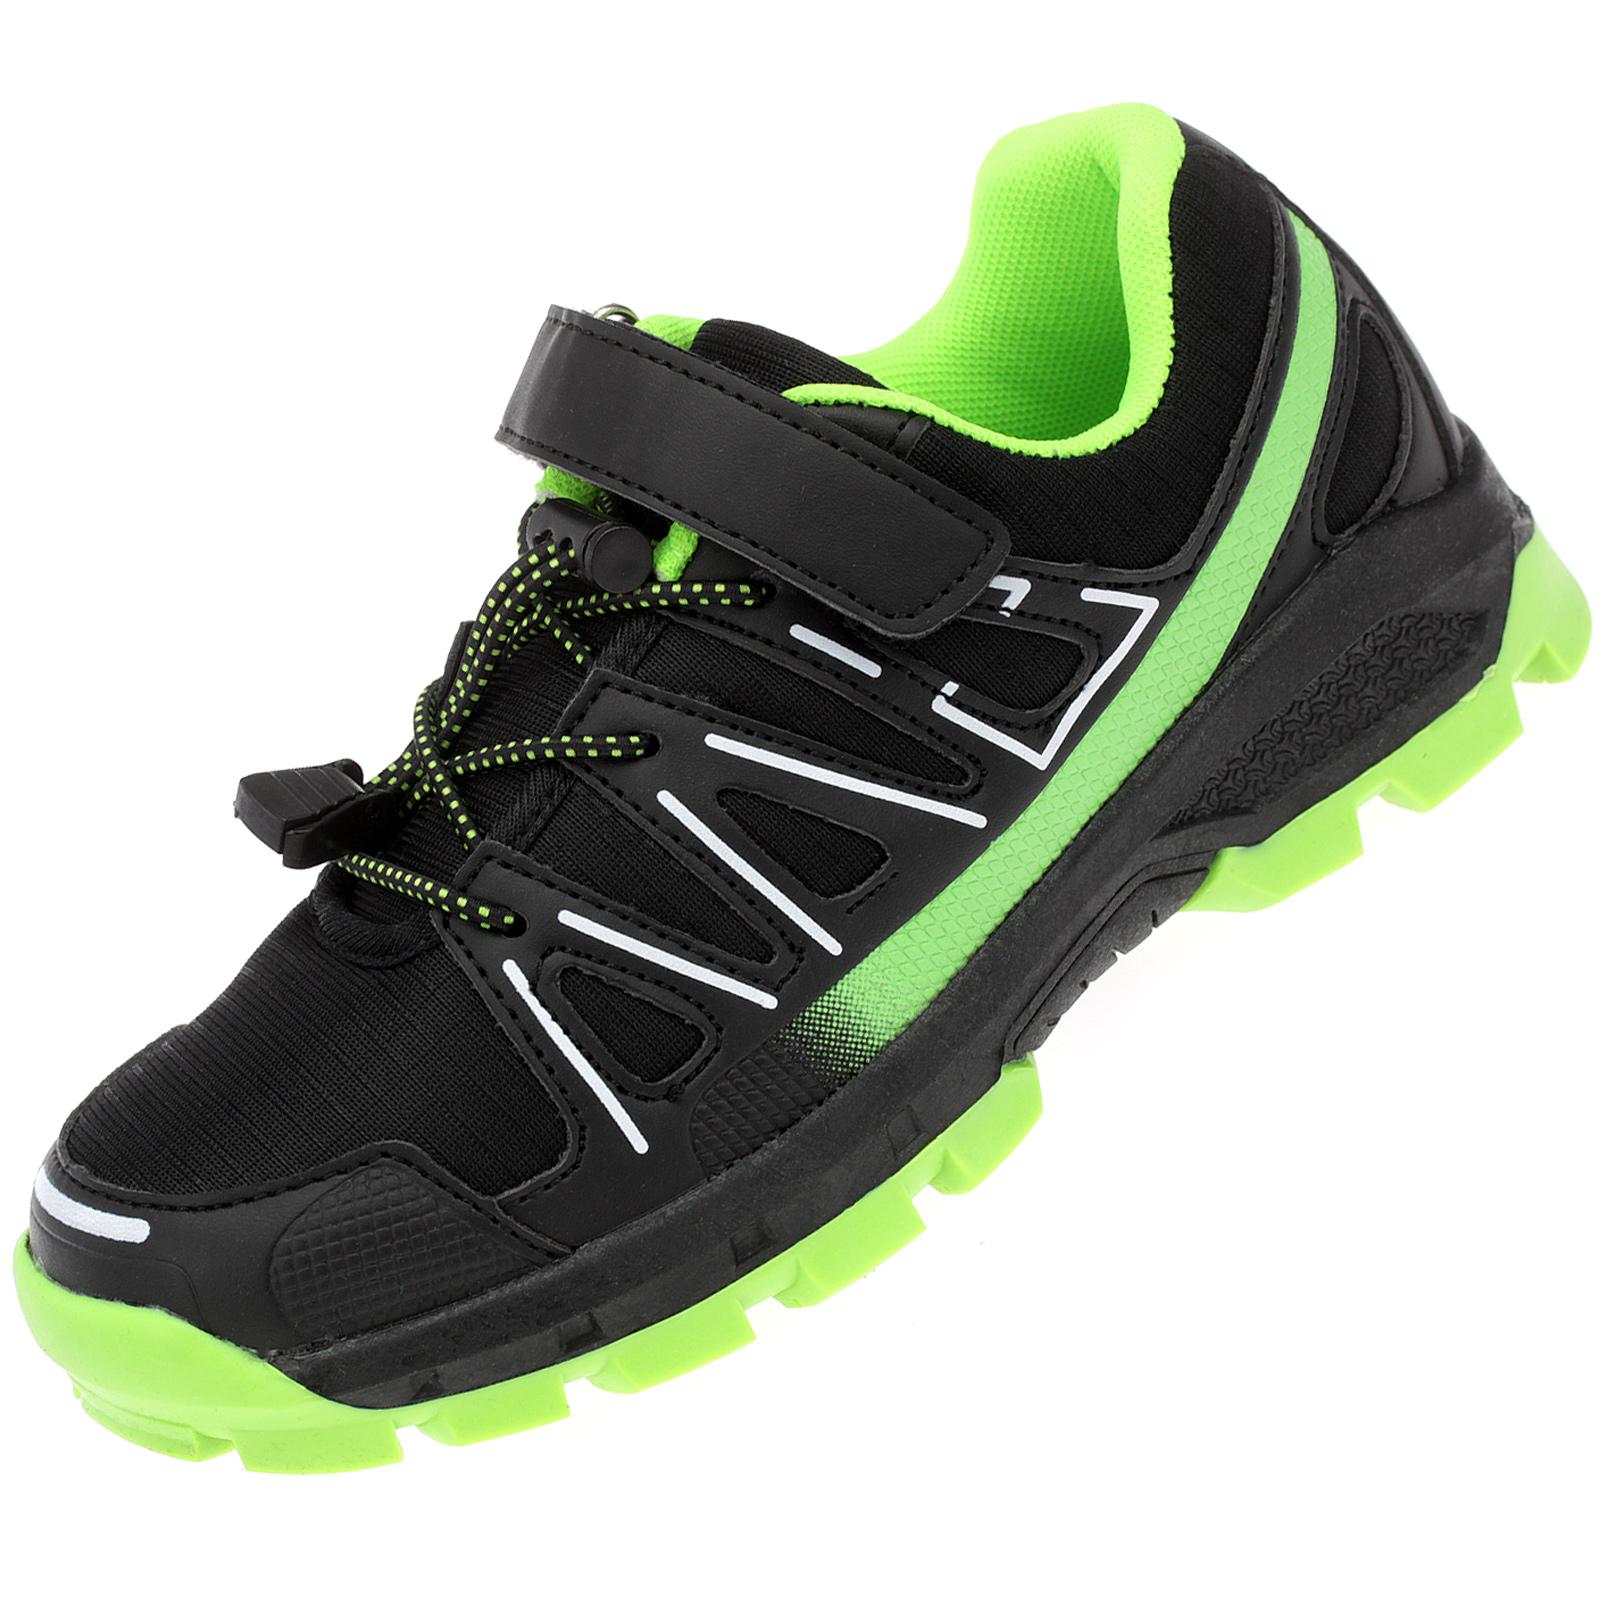 Kinder Sneaker Outdoor Trekkingschuhe Klettverschluss Sportschuhe Freizeit 8040